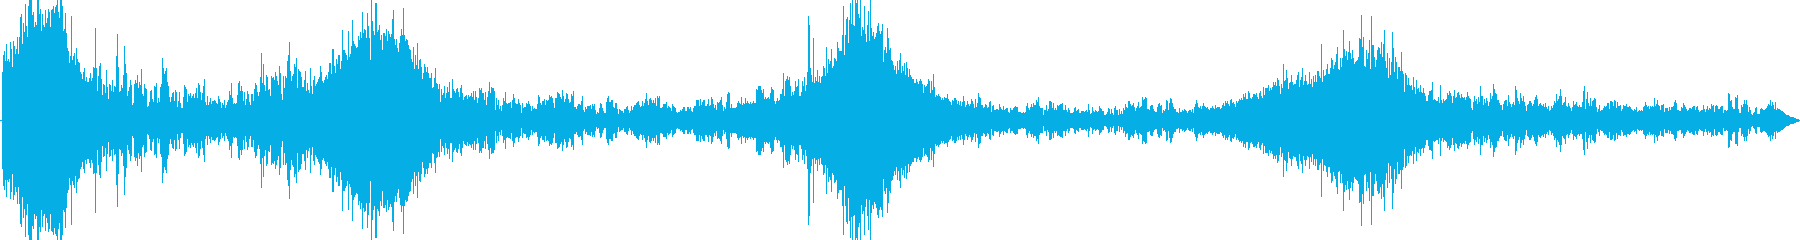 砂利をオンにしたマスタングx4ミディアムの再生済みの波形